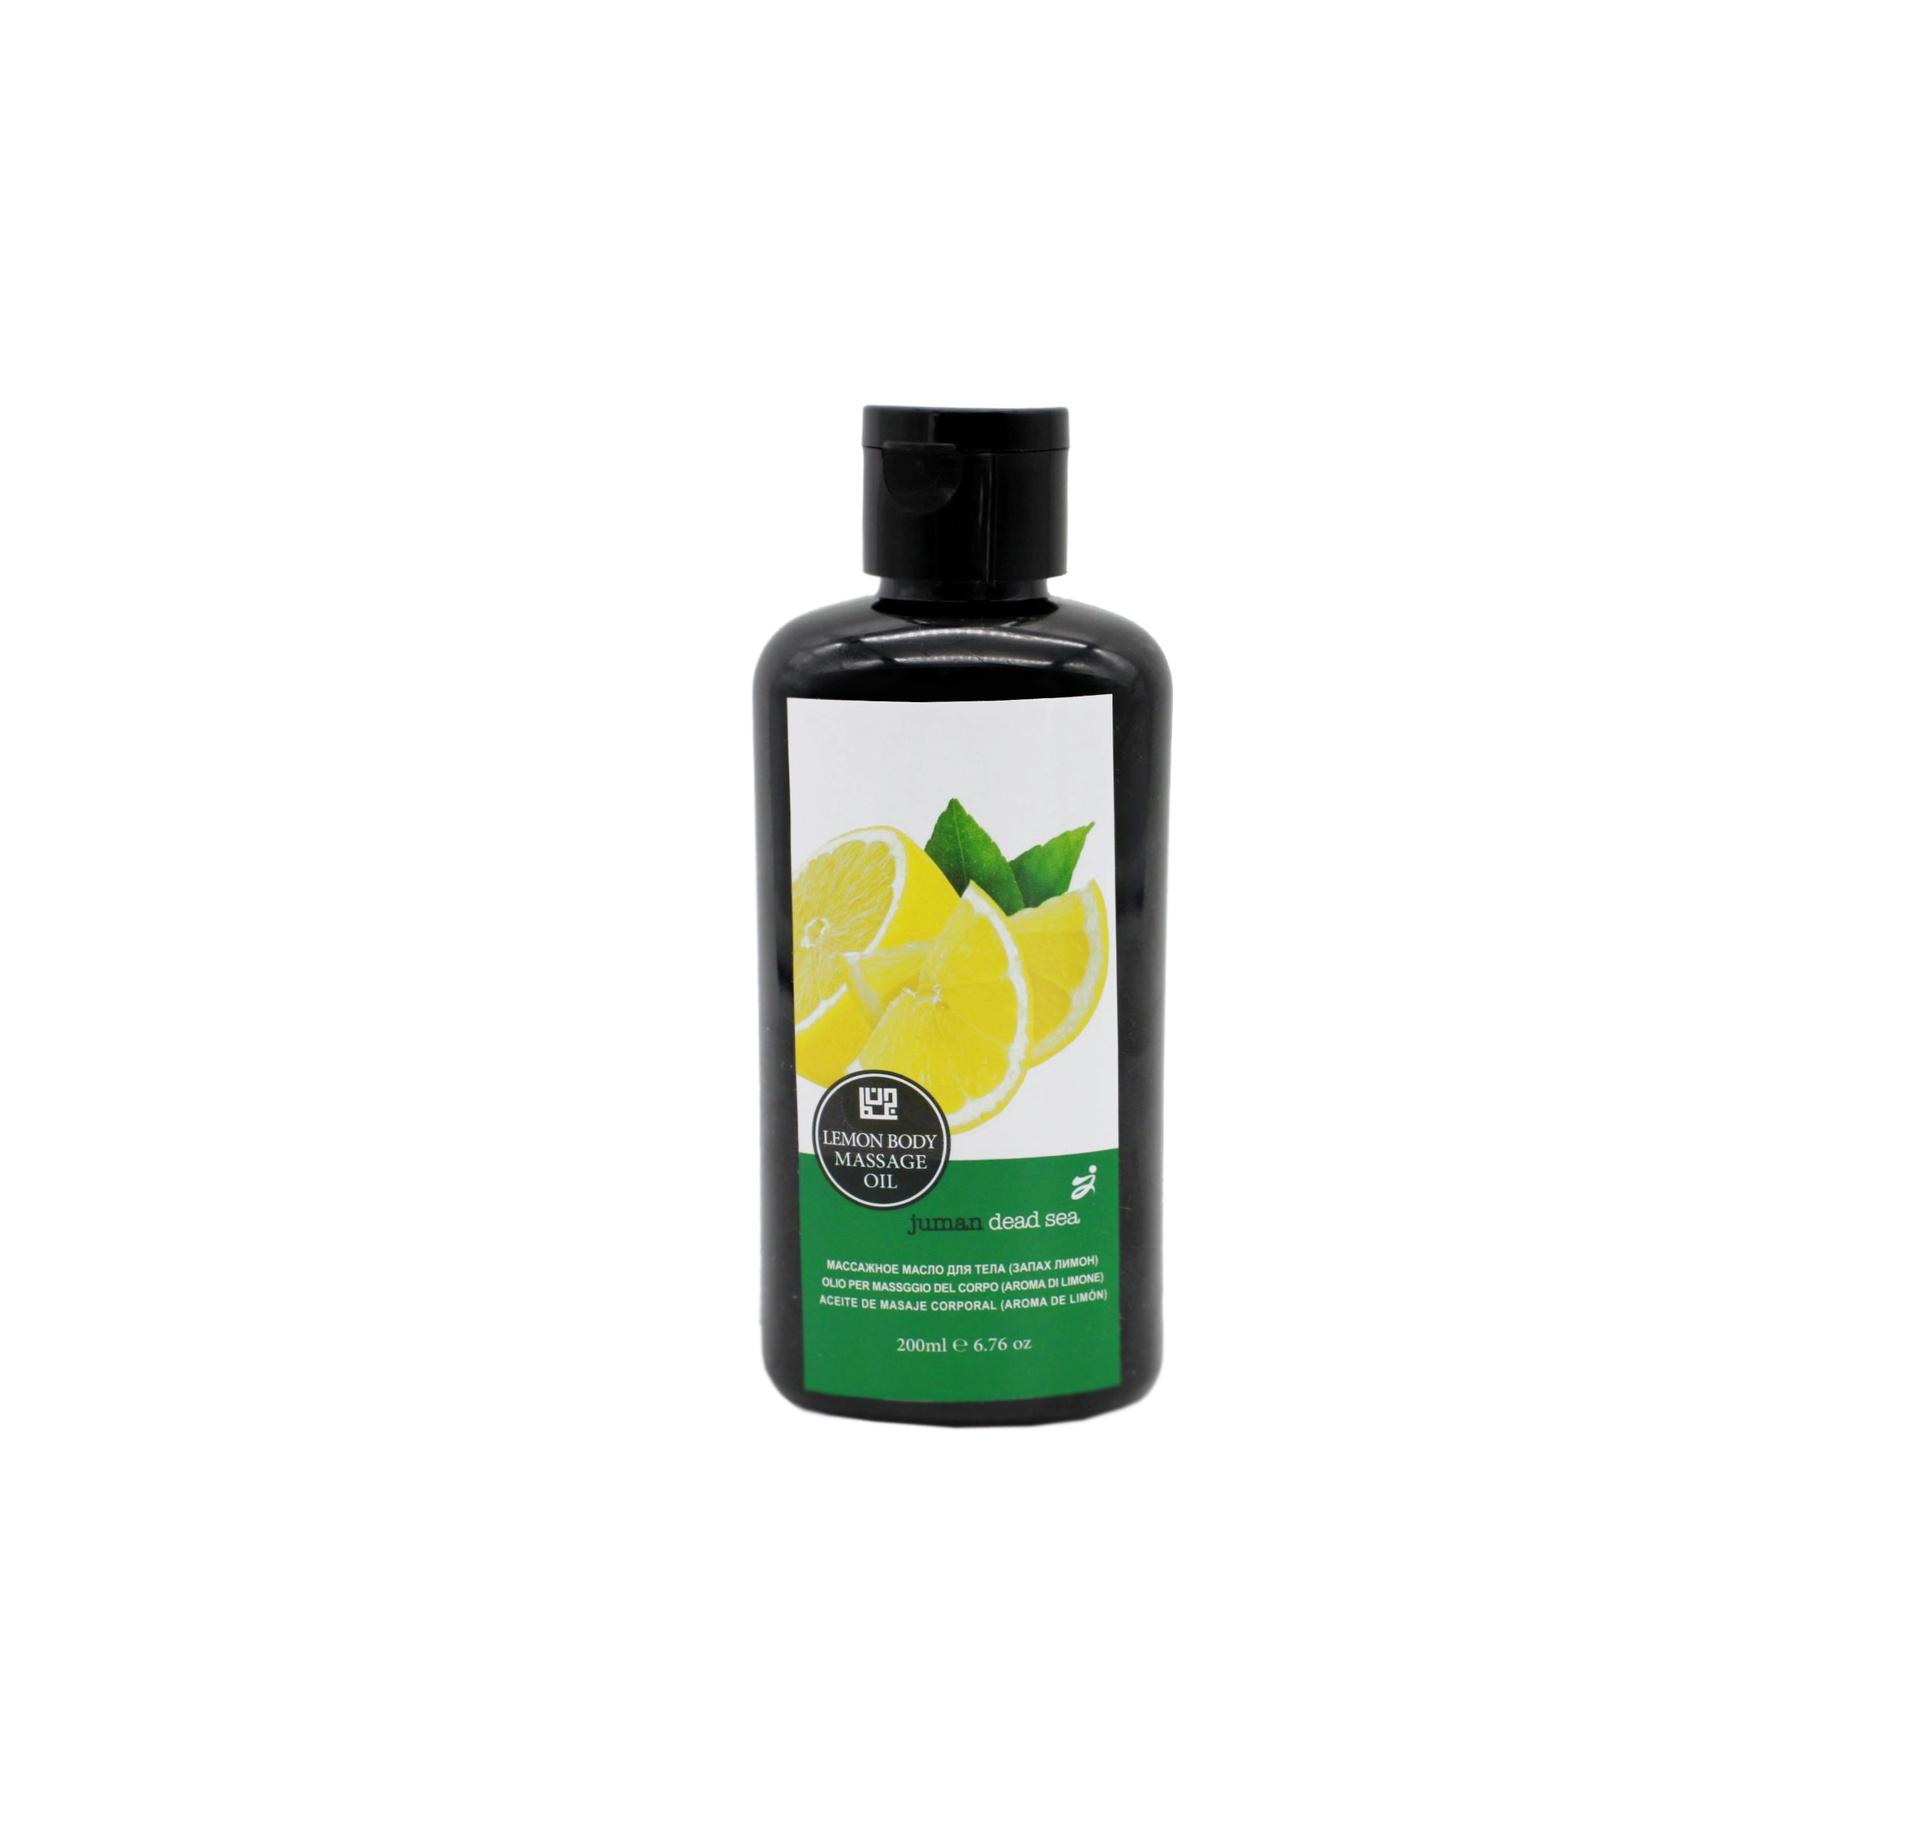 Buy Lemon Body Massage Oil